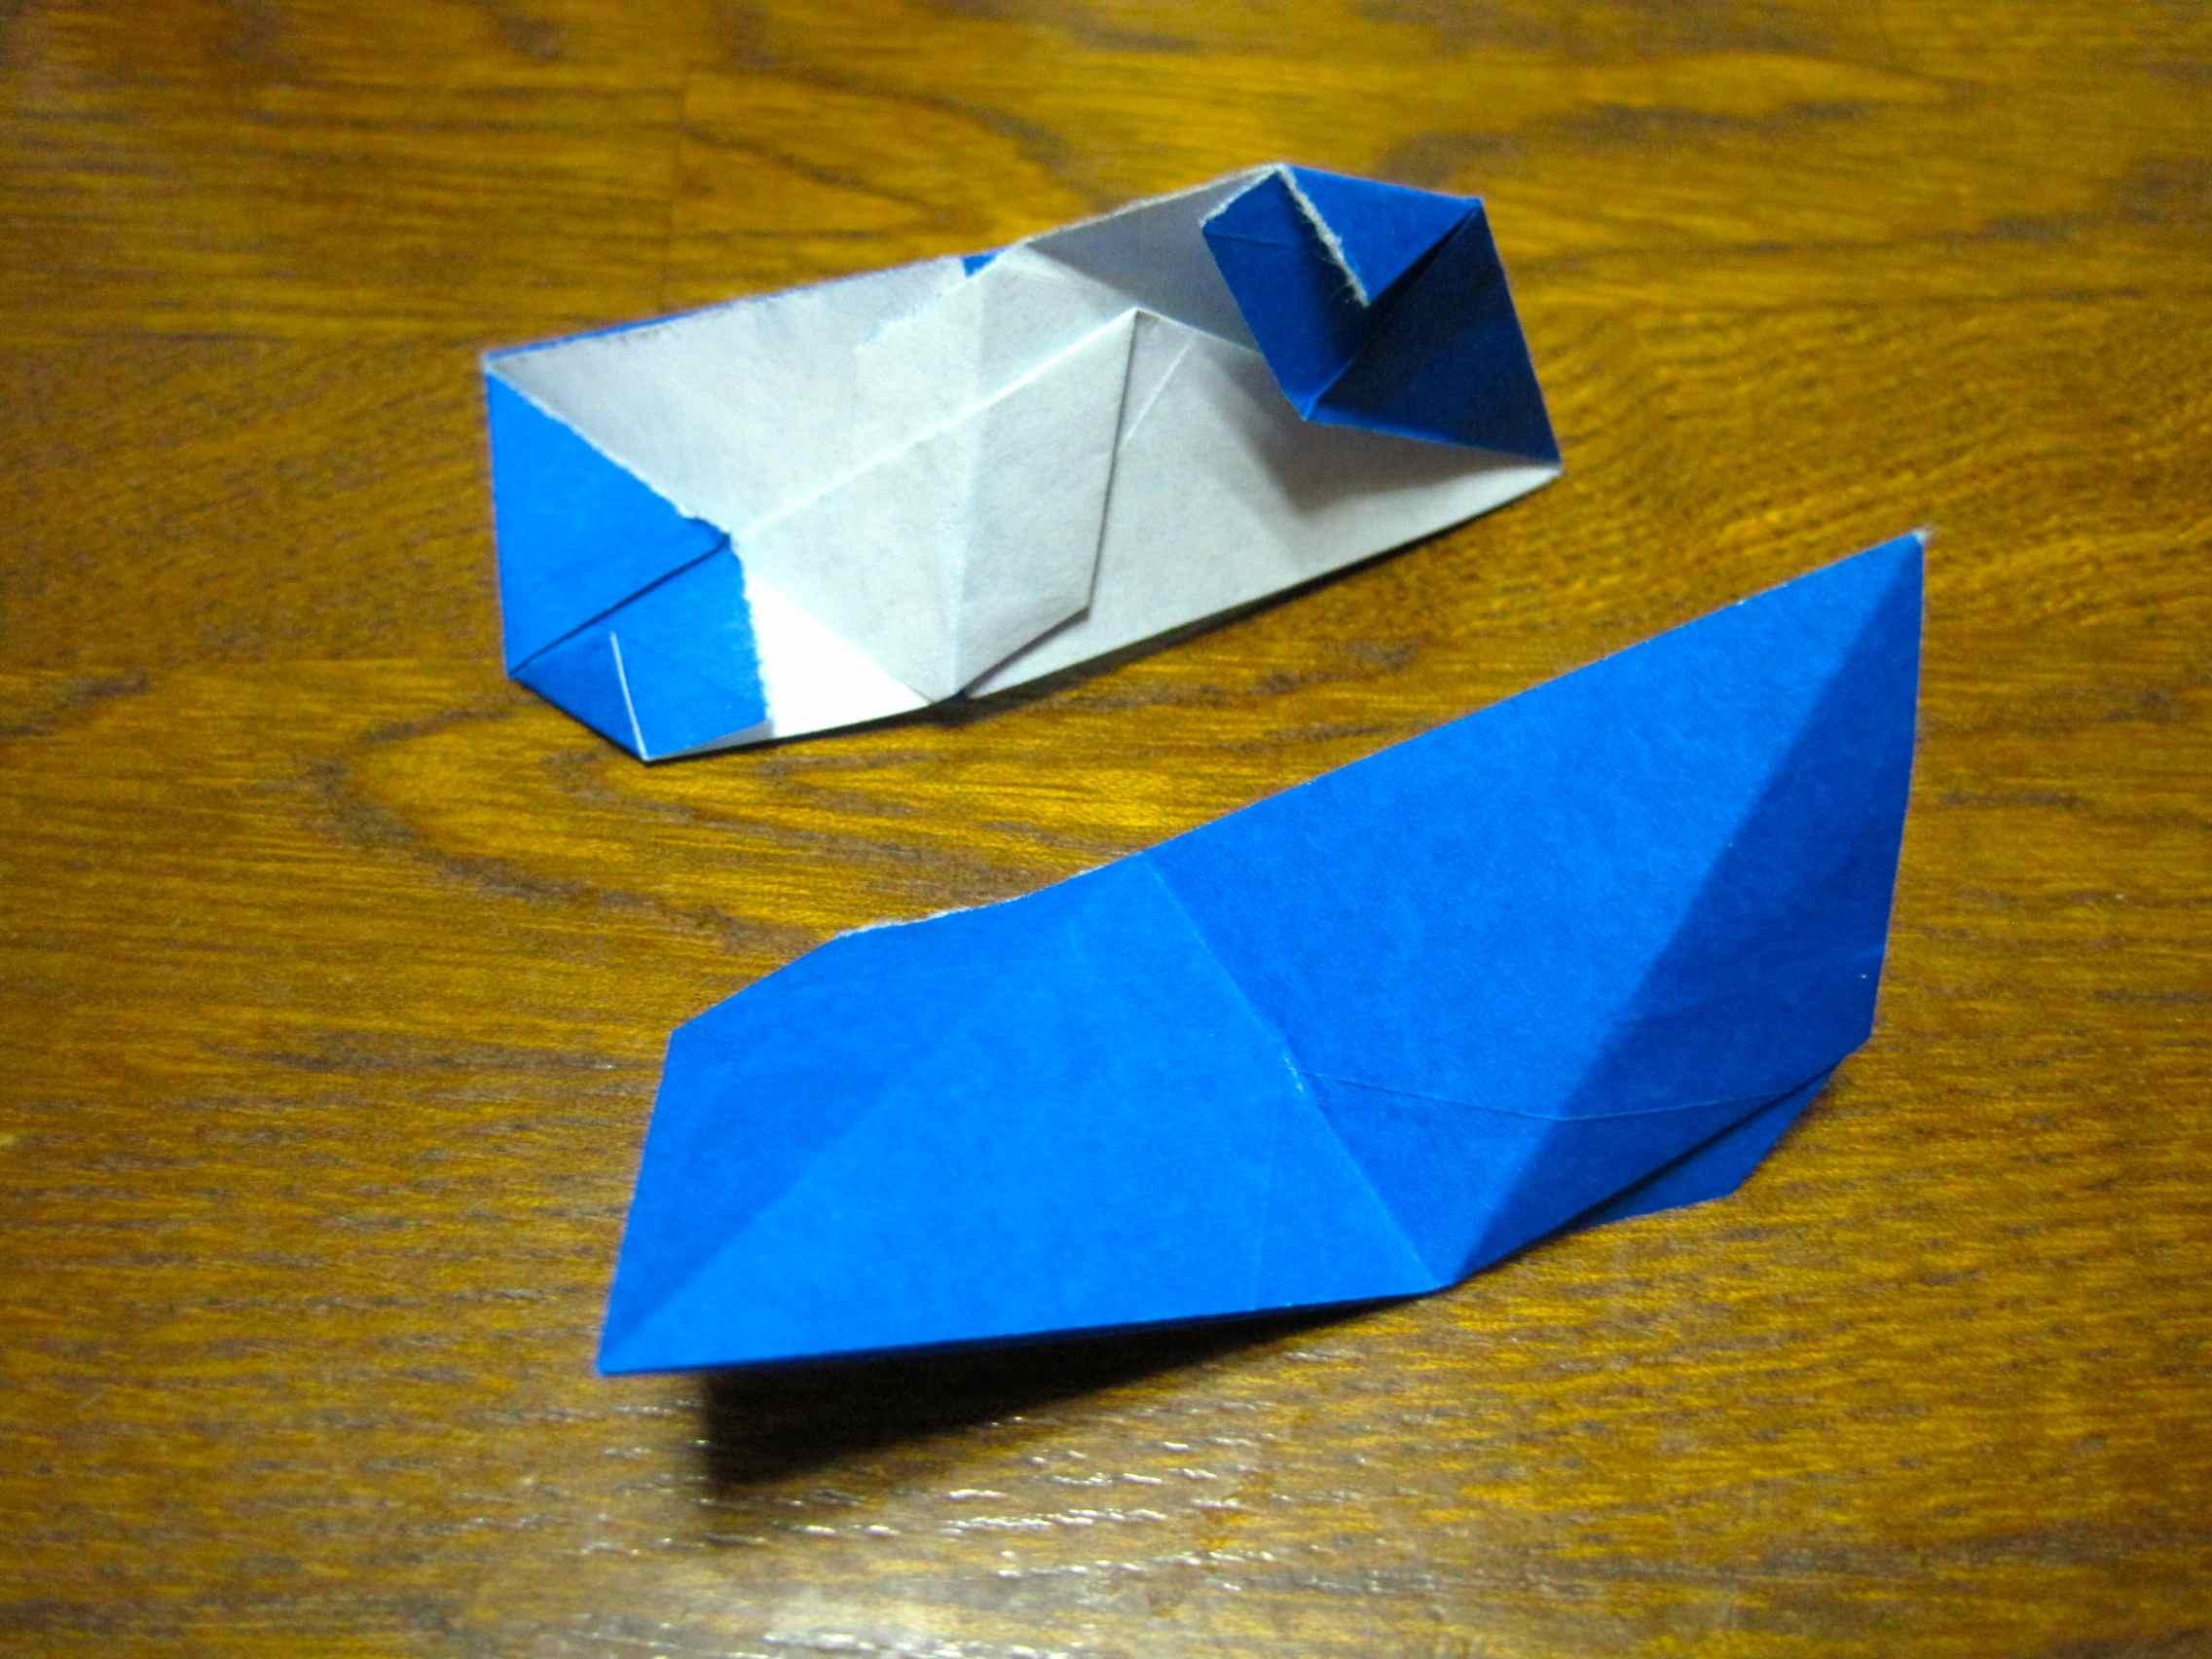 すべての折り紙 ユニット折り紙多面体折り方 : ... 多面体を作るときのユニット